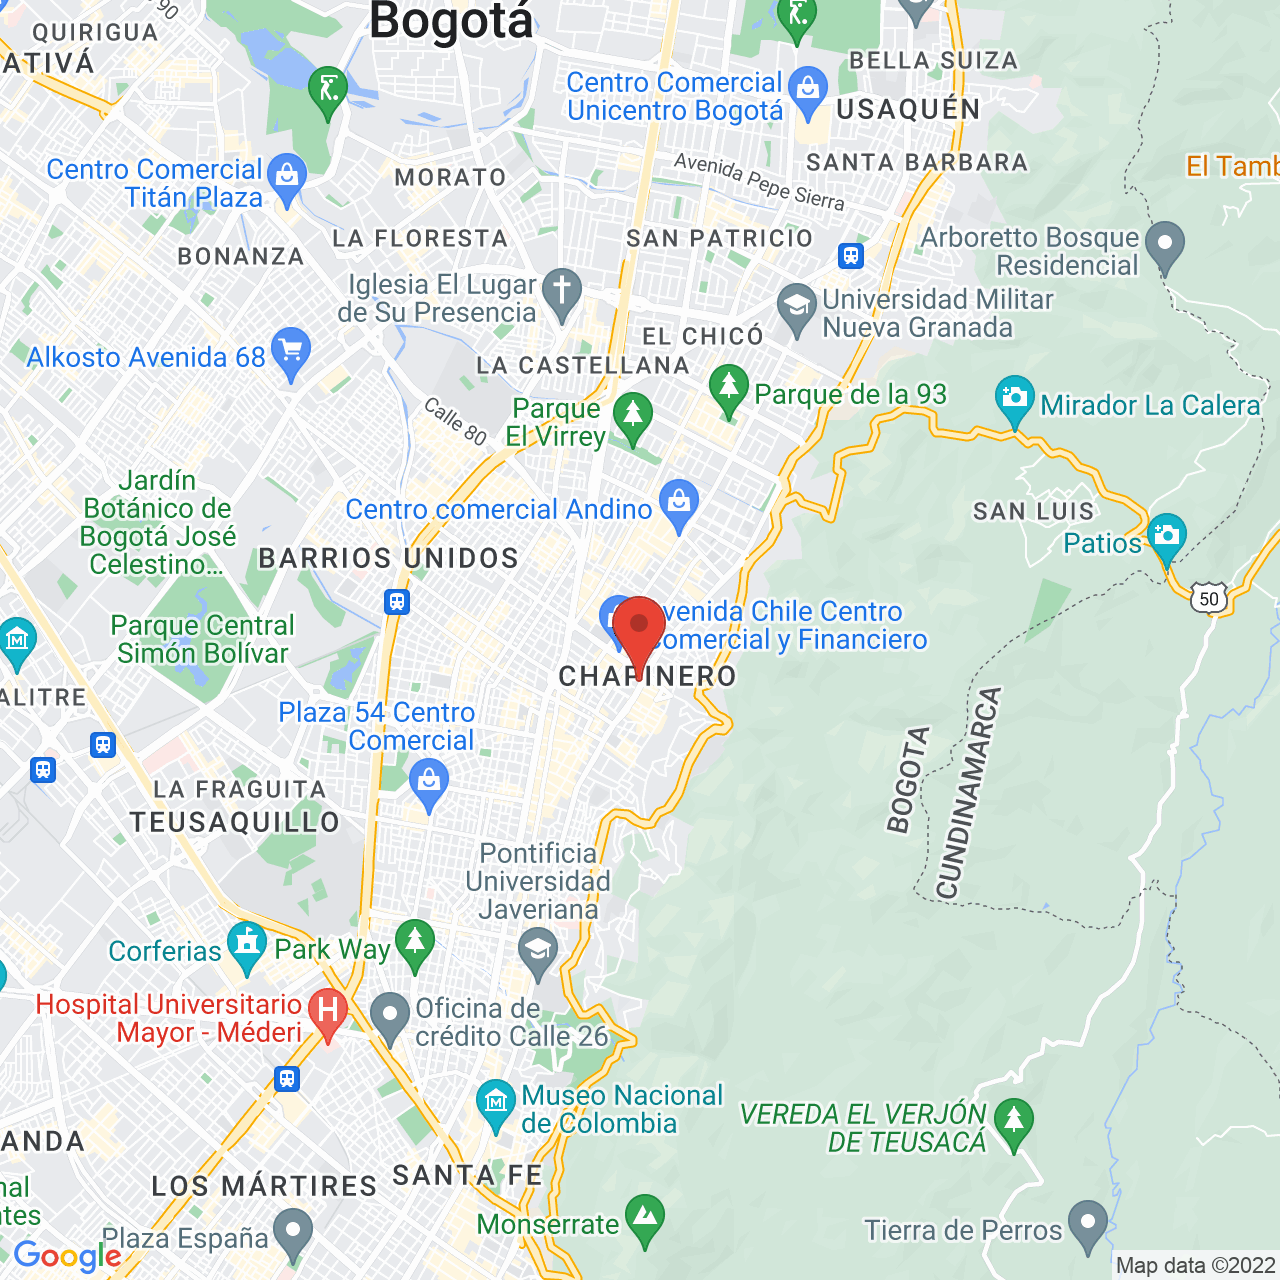 AstraZeneca Colombia